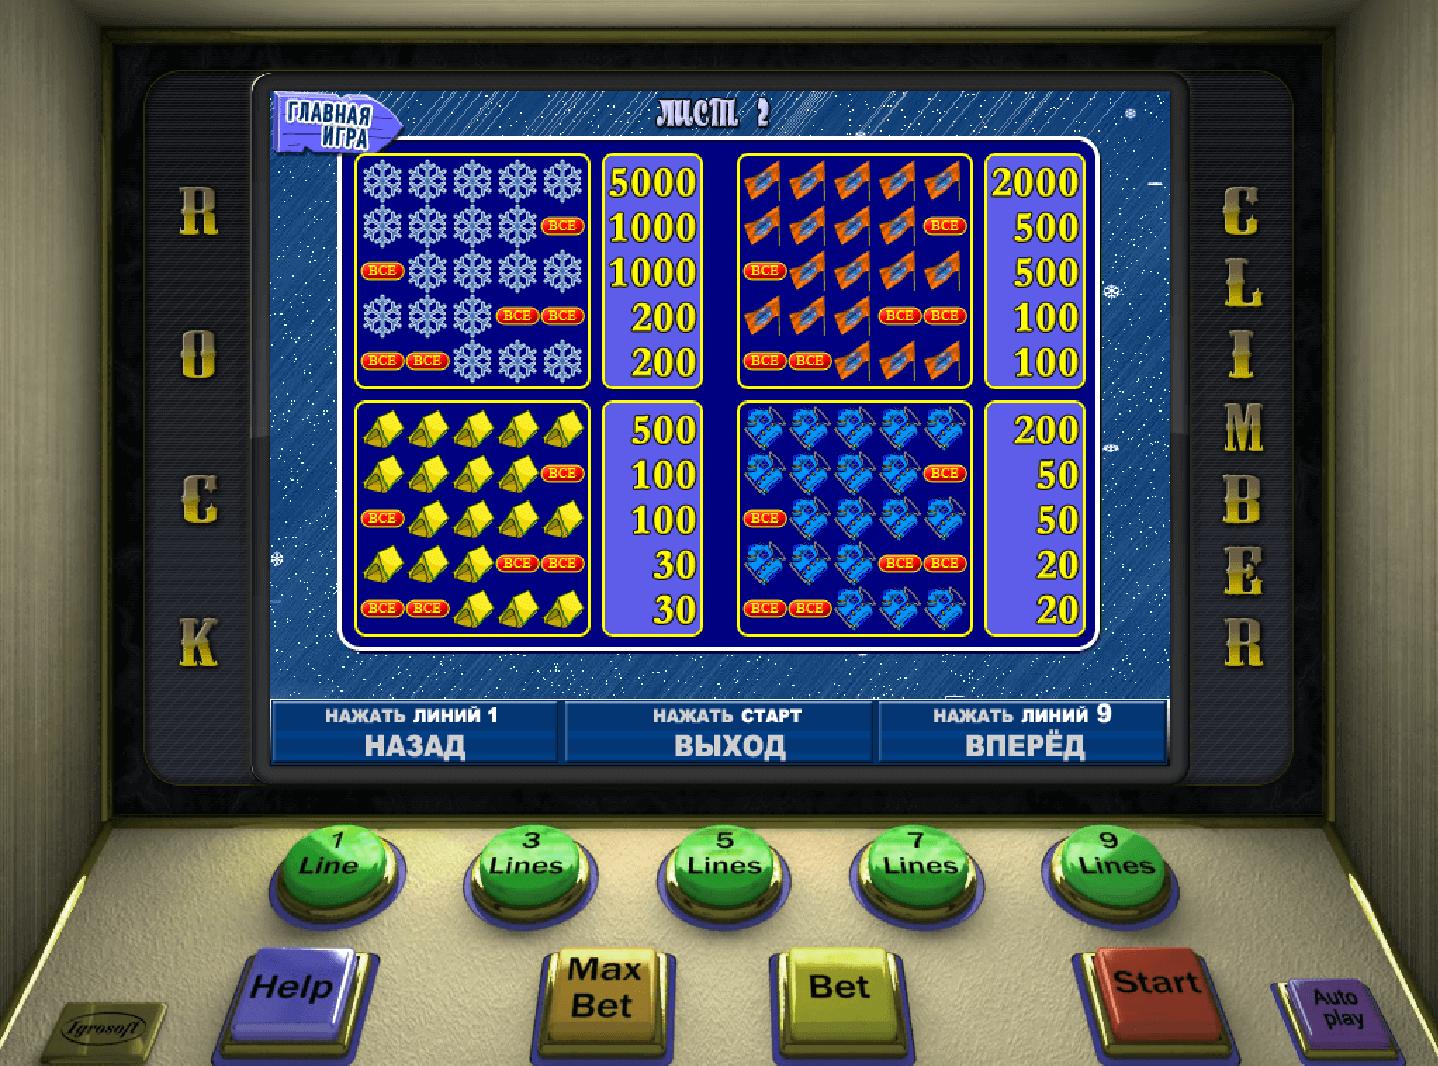 Игровые автоматы скачать бесплатно скалолаз с торрента игровые автоматы в твери